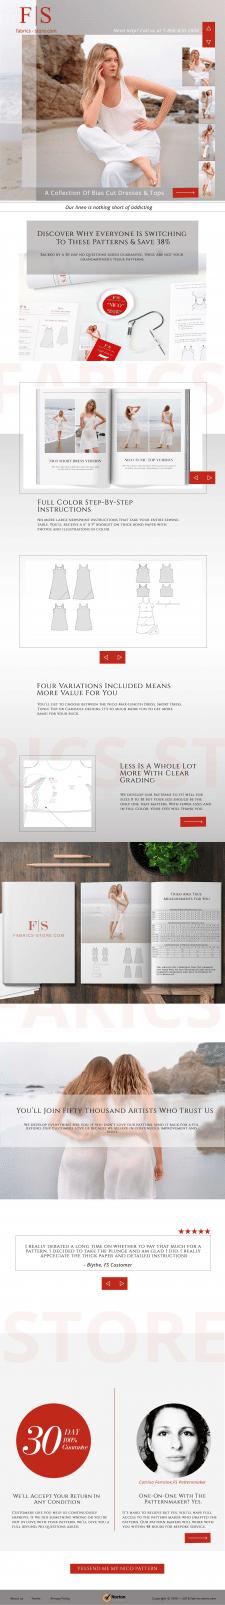 Lending Fabrics-store.com